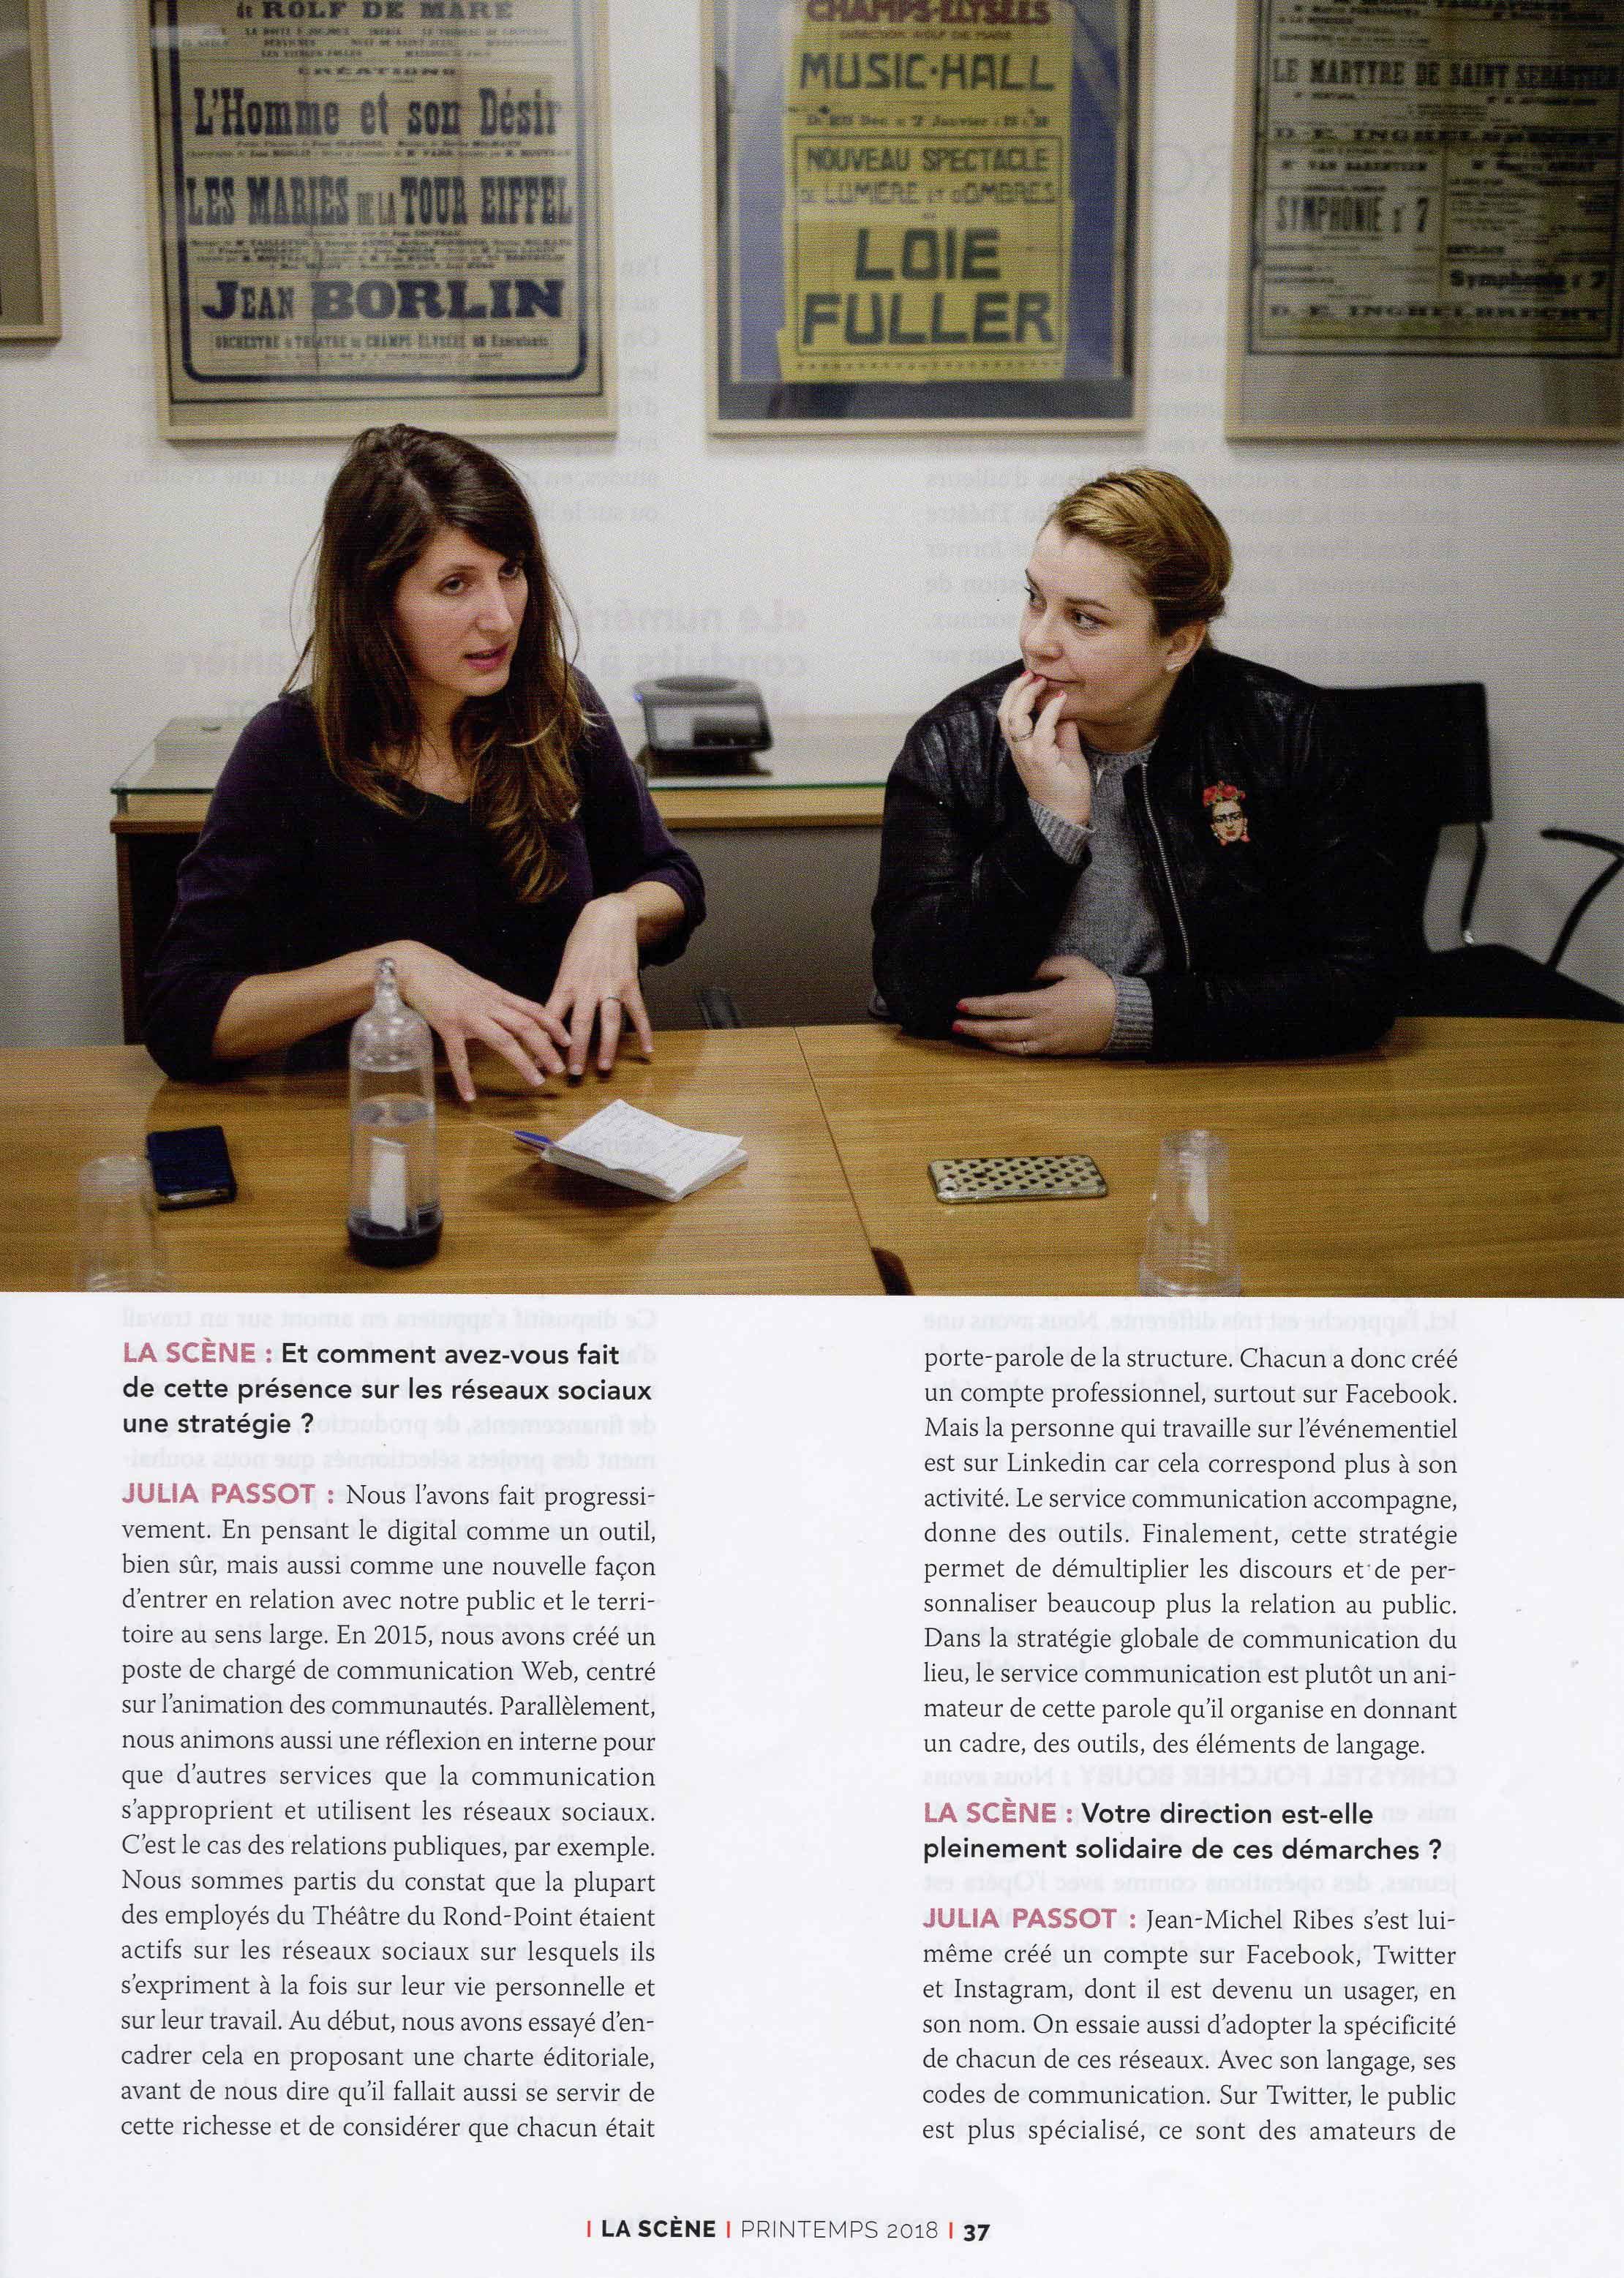 une-stratégie-digitale-culturelle-et-les-publics-www.jpg2_